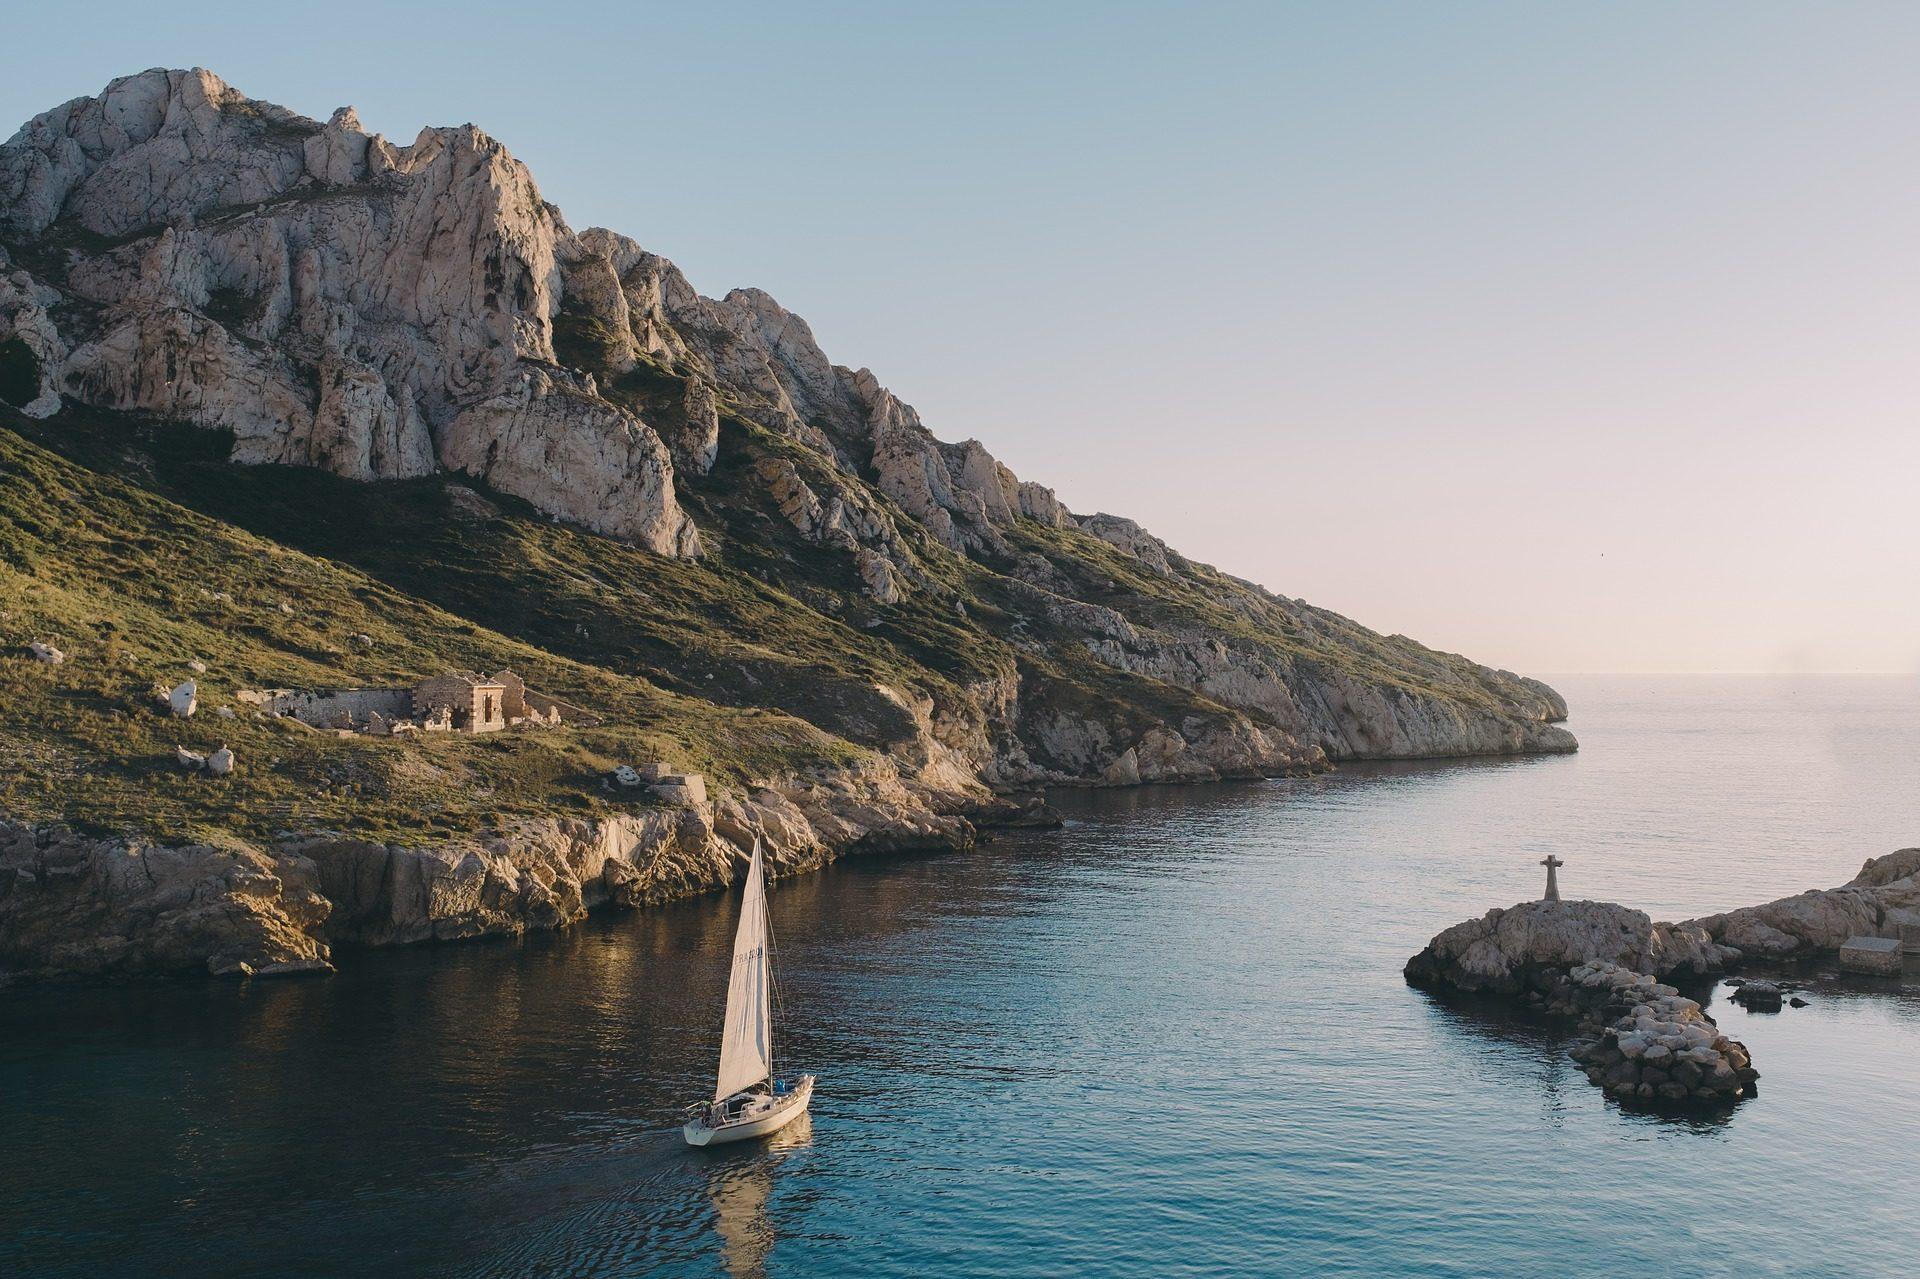 Βουνό, Νησί, βάρκα, Θάλασσα, Πλοήγηση - Wallpapers HD - Professor-falken.com